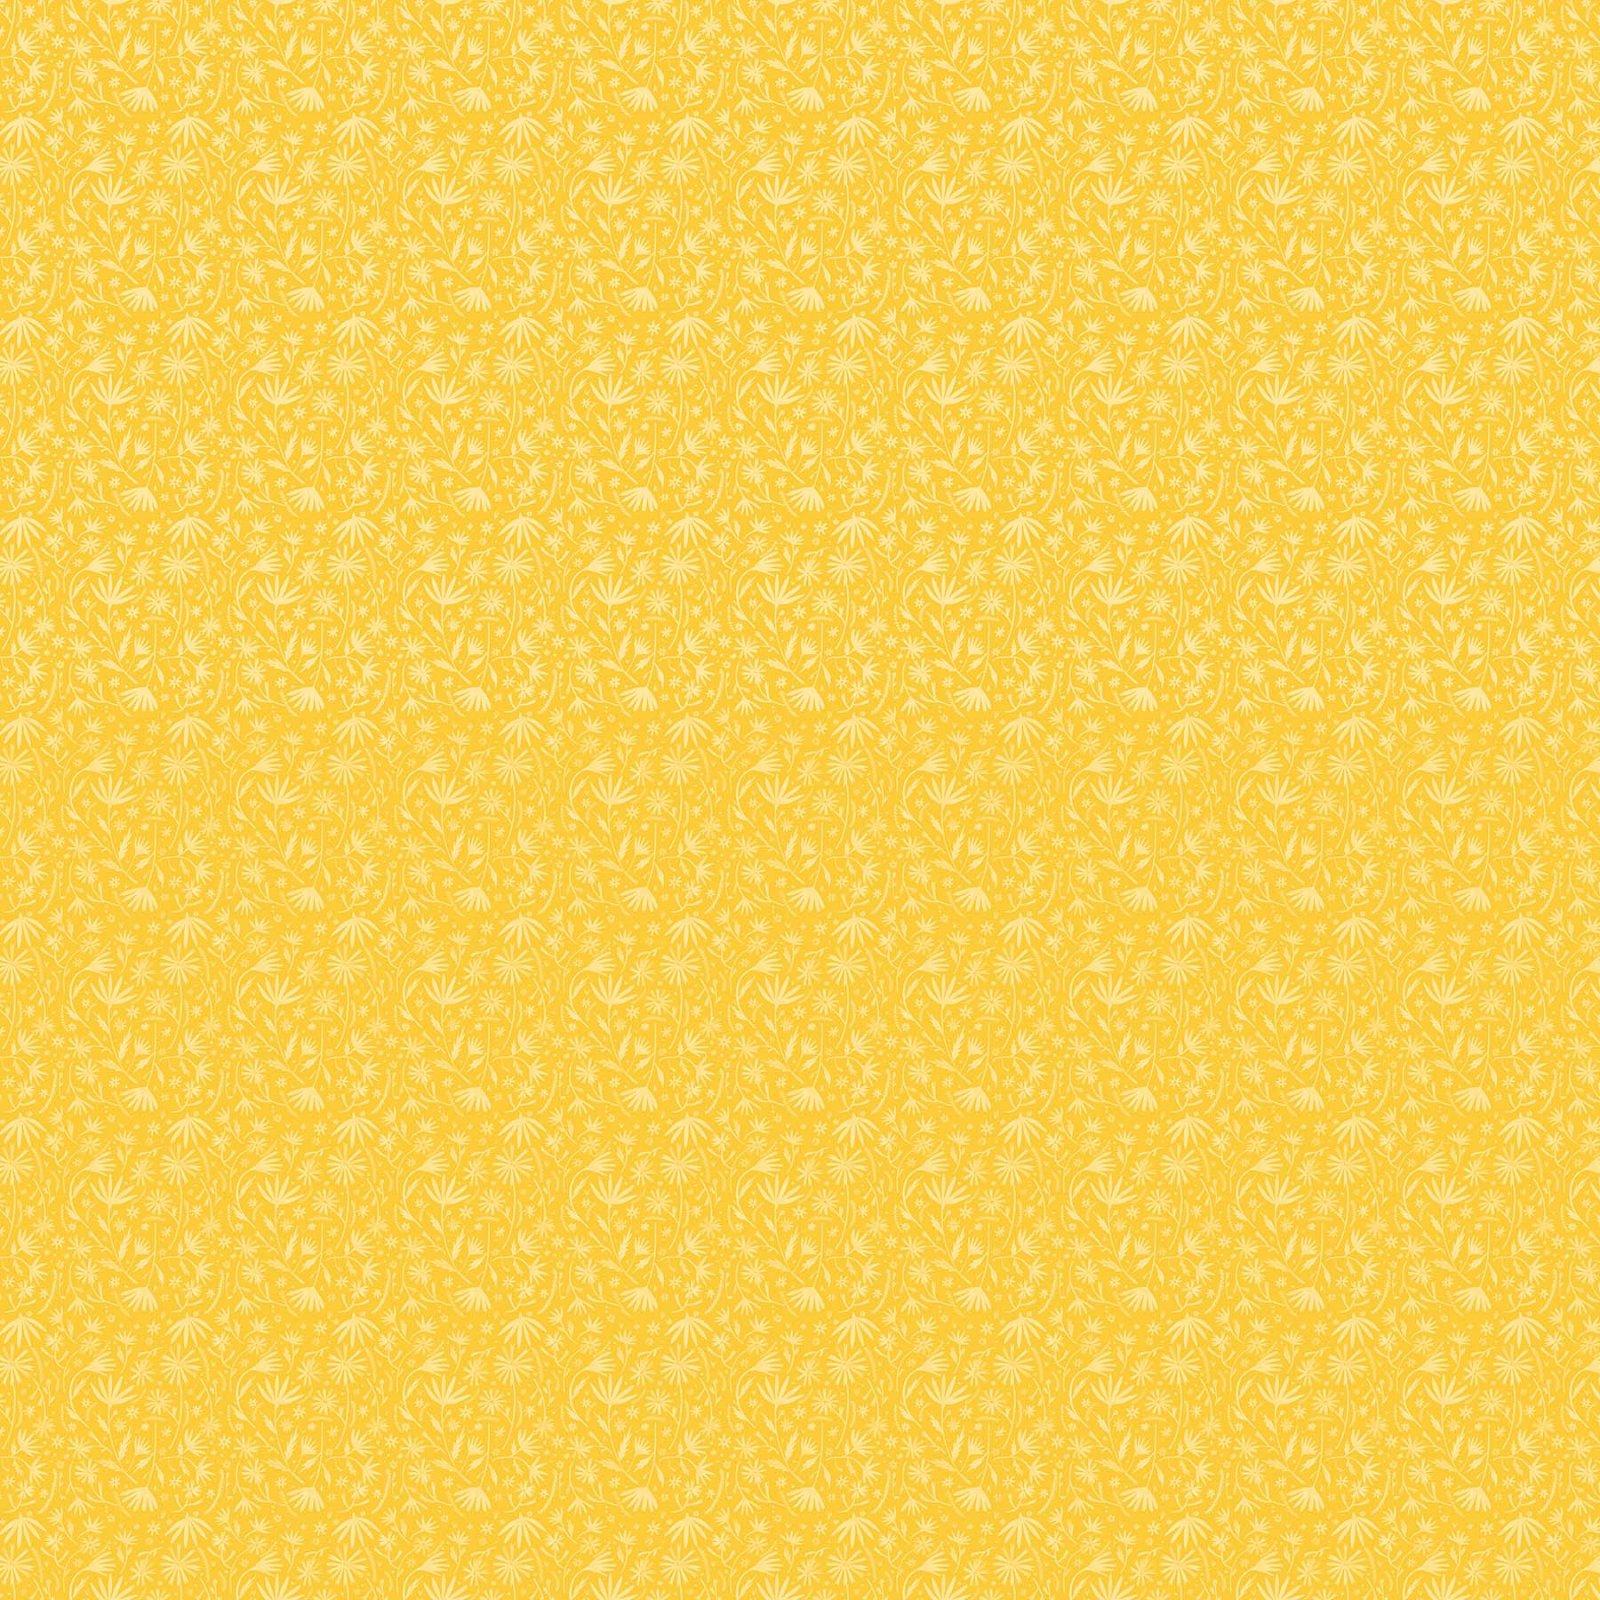 90035/52 Yellow: Eloise's Garden (Abigail Halpin)